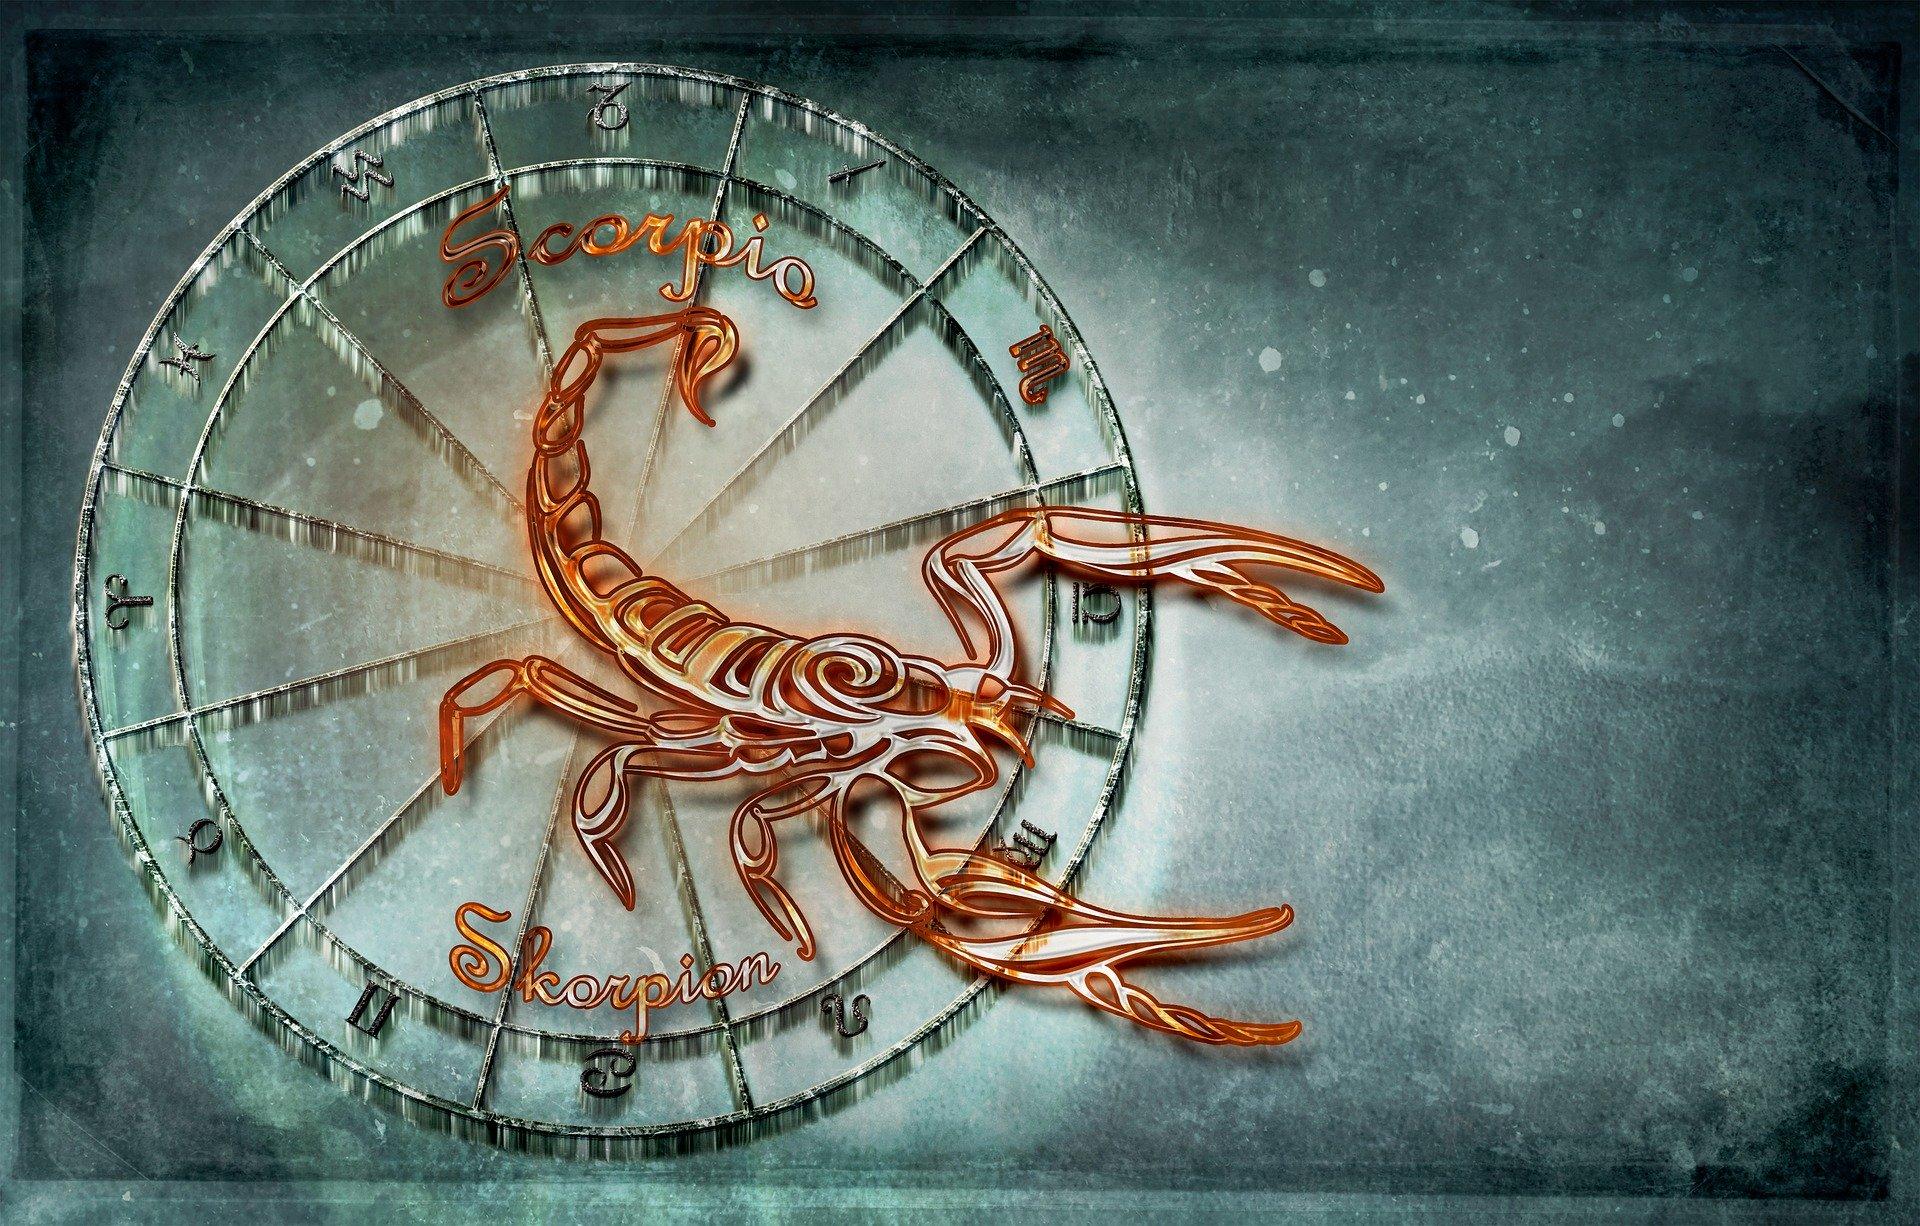 Loc de munca ideal pentru Scorpion